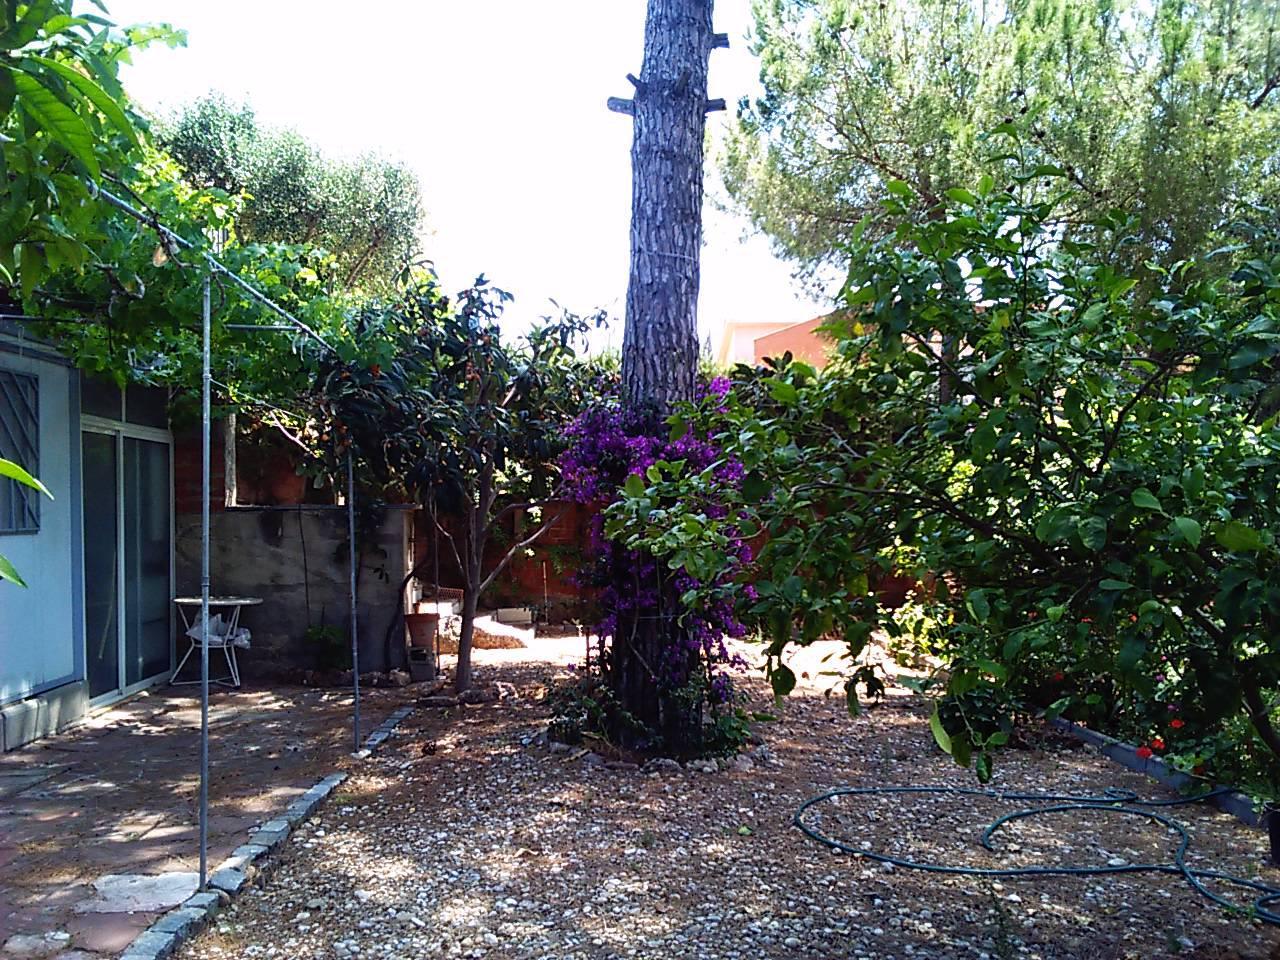 161808 - Cerca restaurante Els 4 Vents Crta de Martorell